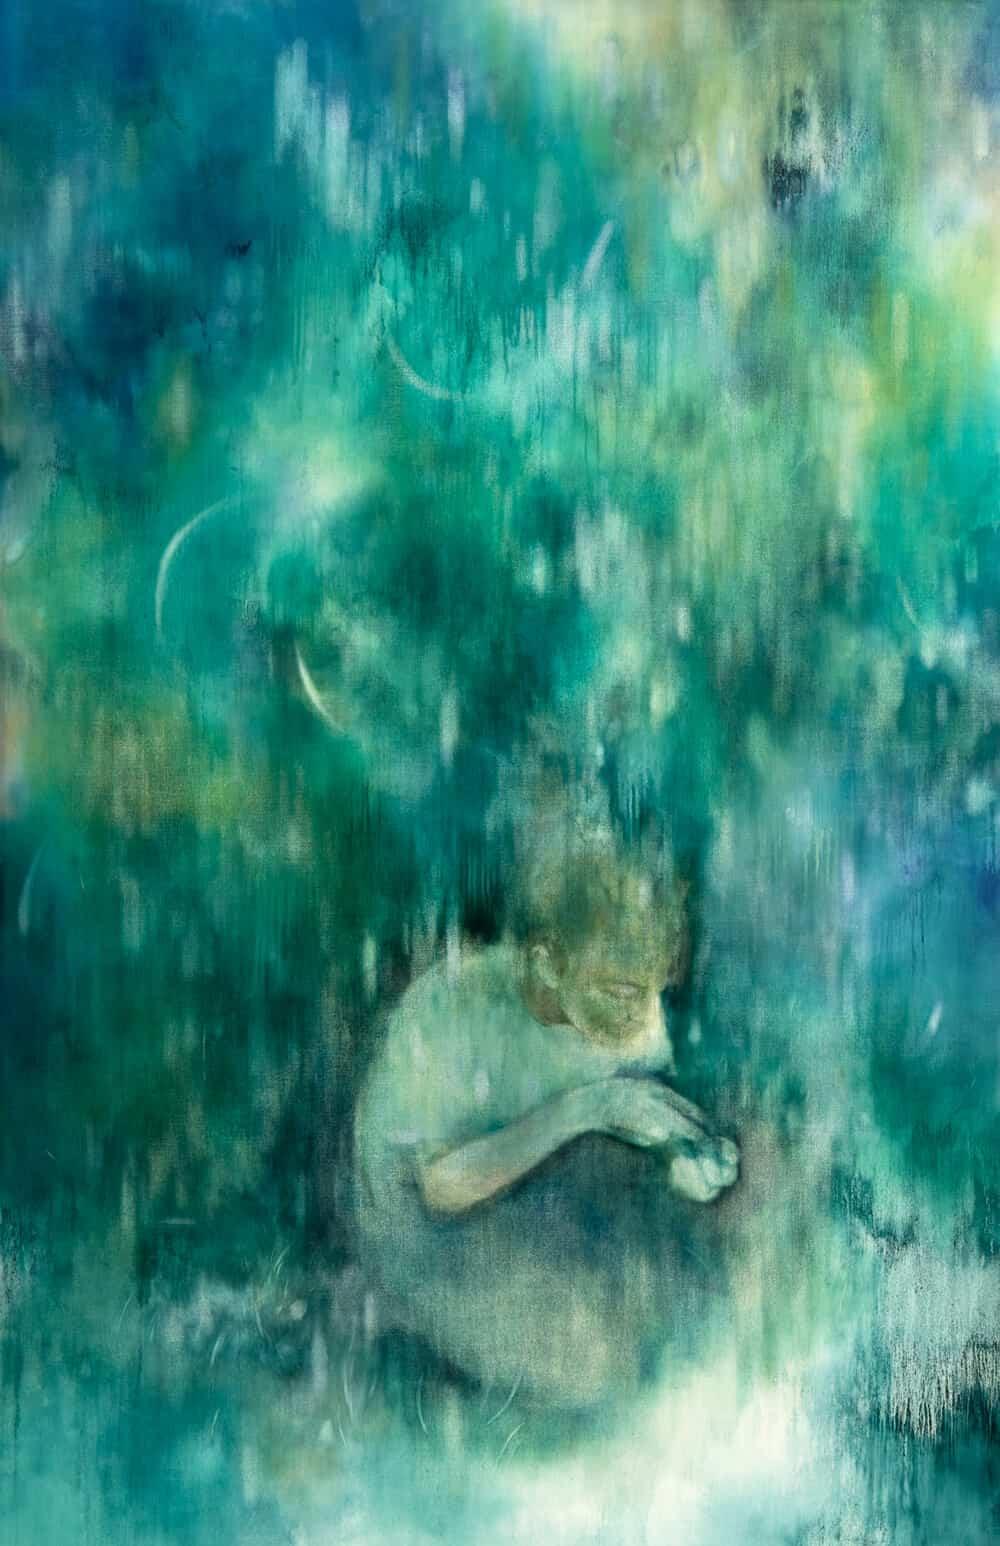 Sarah Biggs, Die Aufgabe, 2017. Öl auf Leinwand, 190 × 123 cm. Mit freundlicher Genehmigung des Künstlers & Barnard.